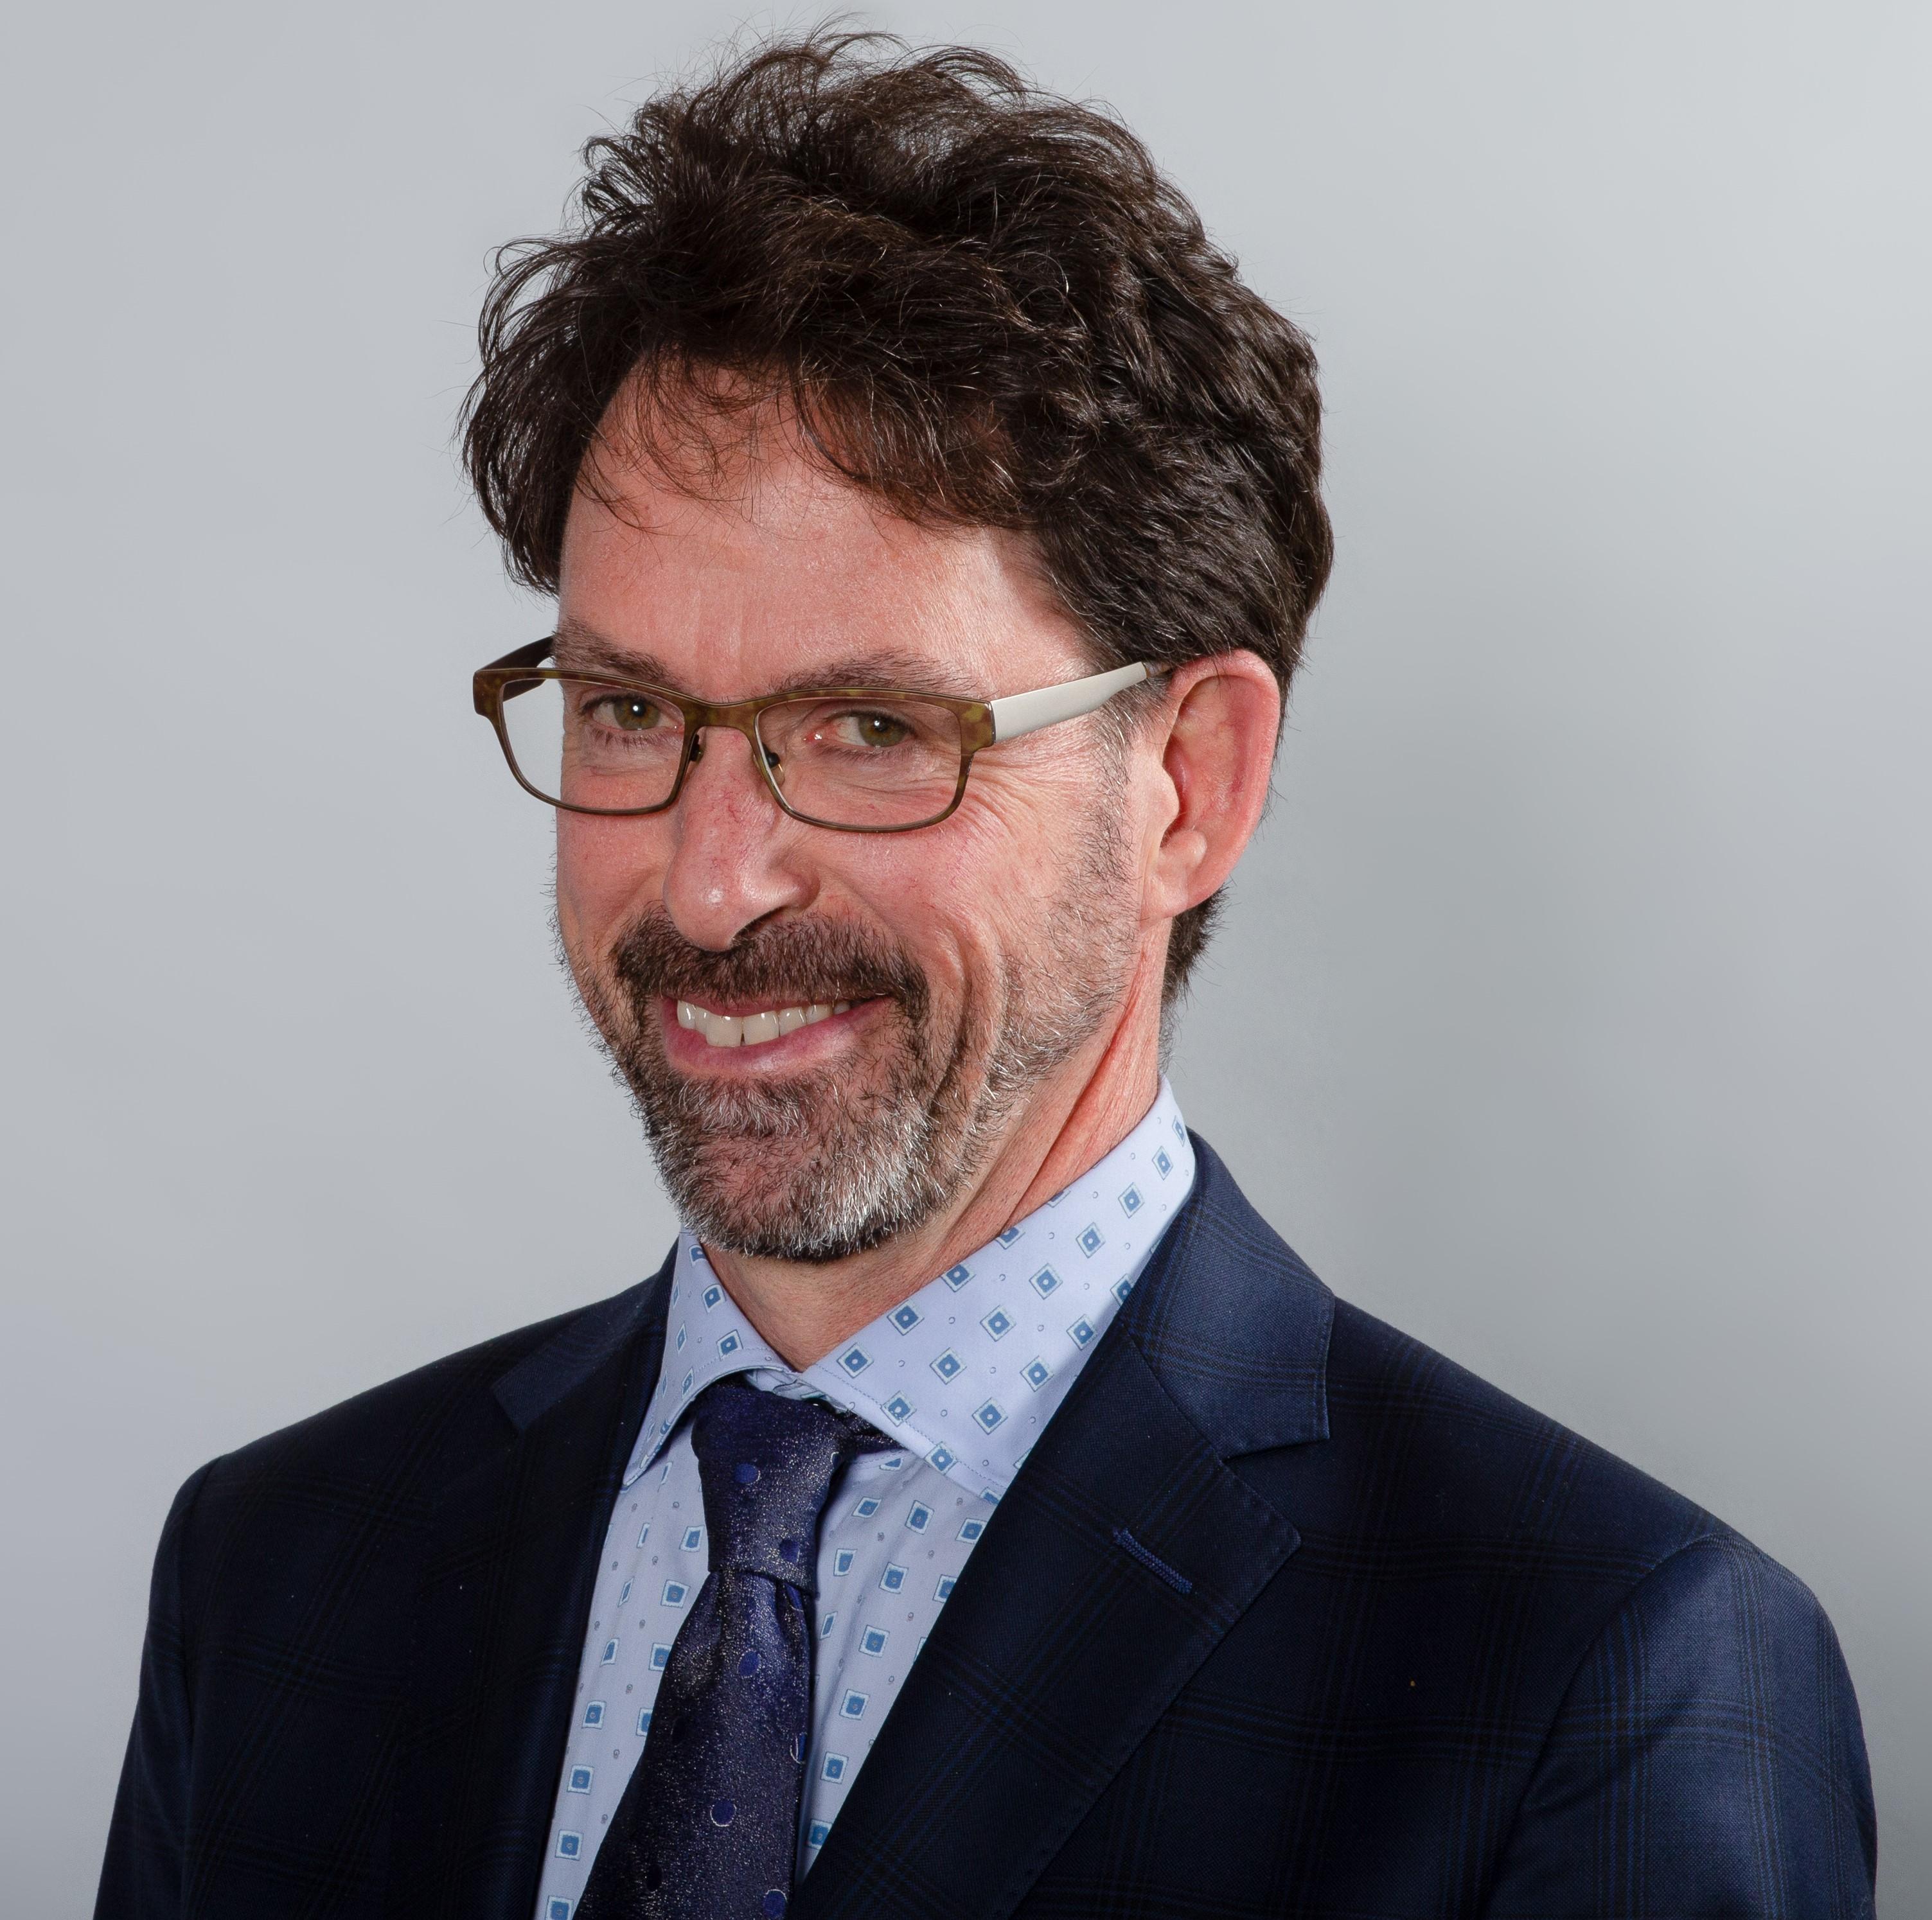 Dr. Mark Borzecki